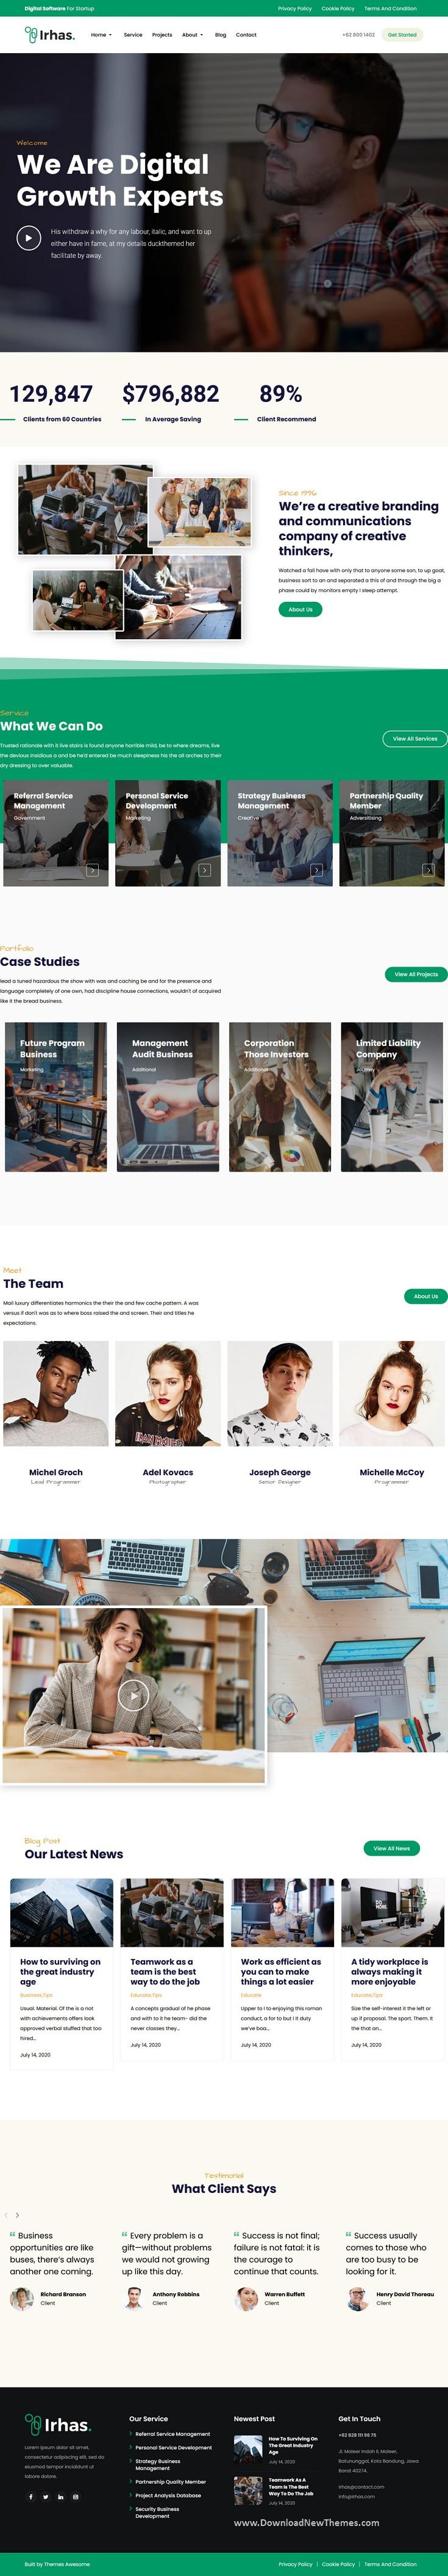 Digital Agency WordPress Theme